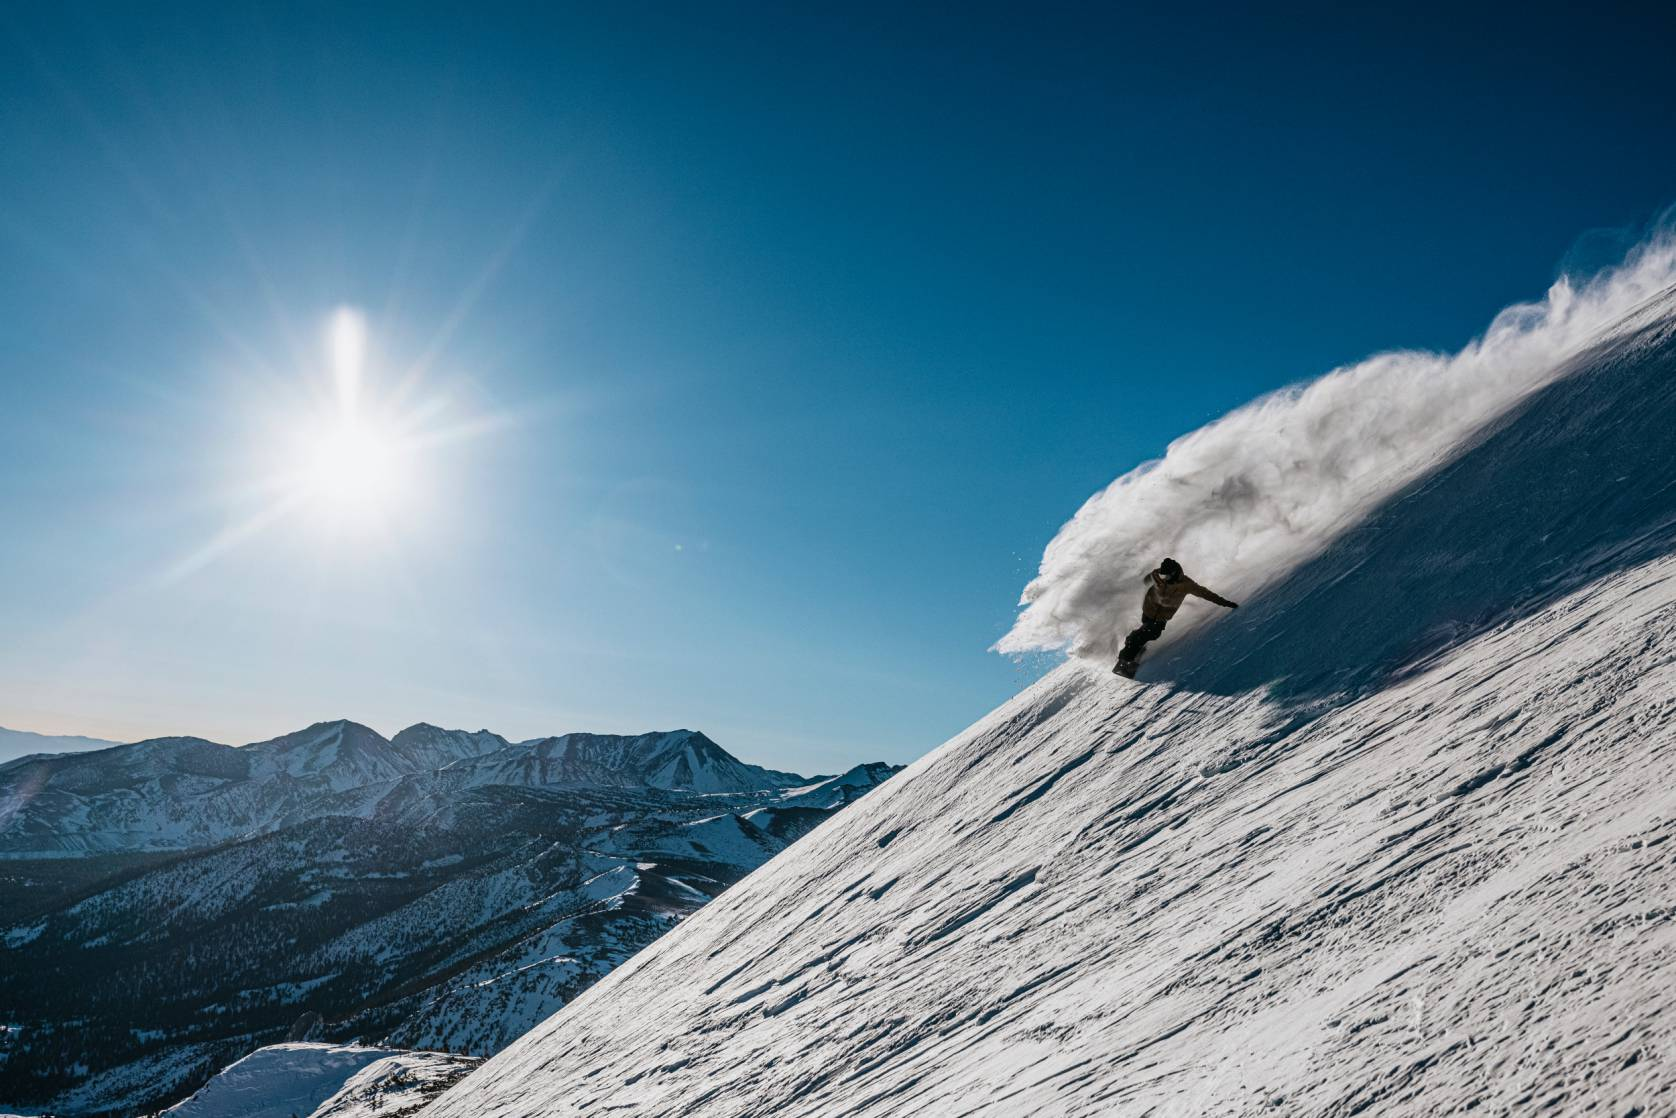 ikon-mammoth-mountain-skiing